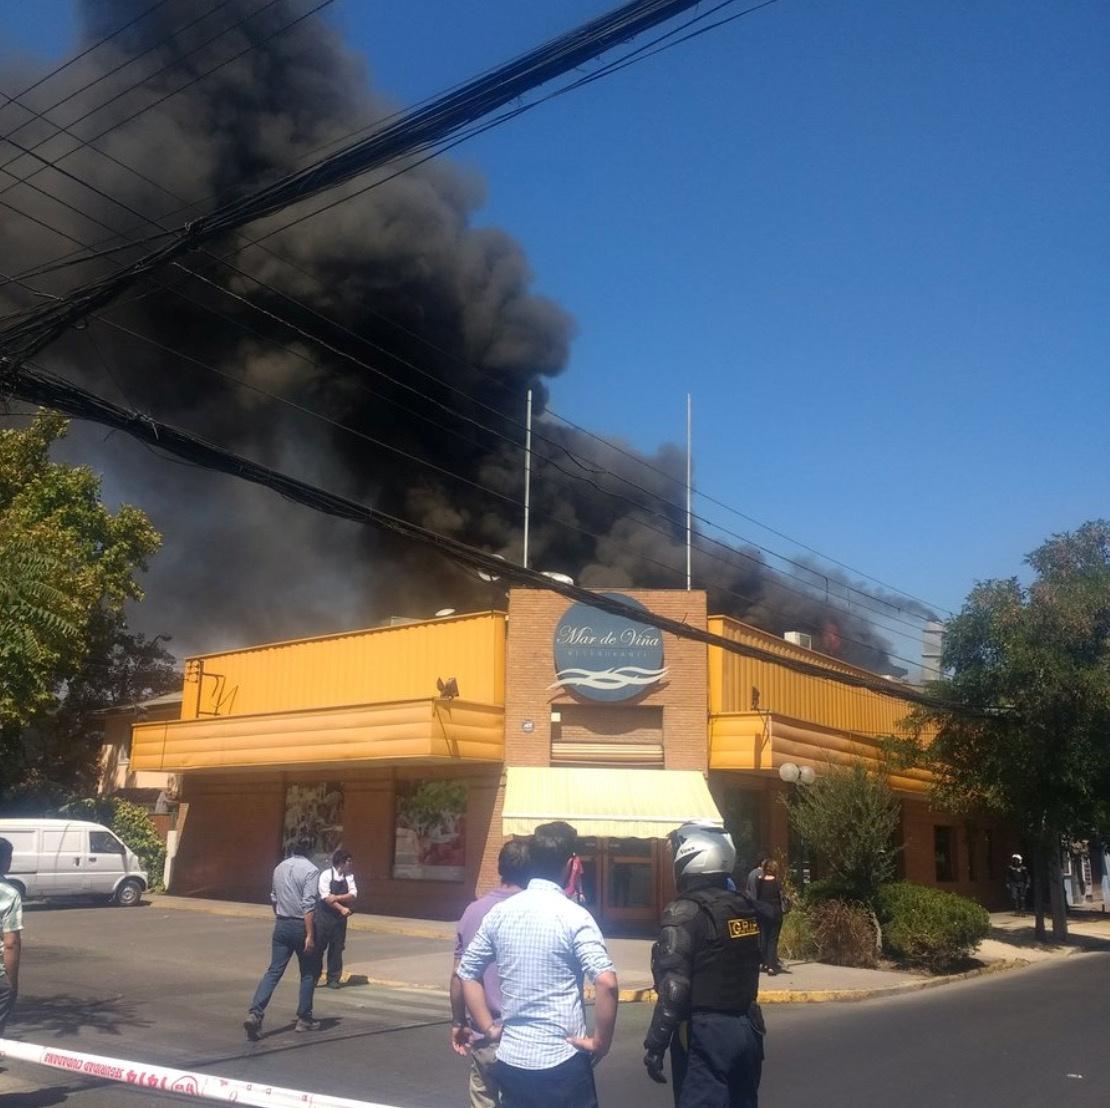 353032-حريق-يلتهم-أحد-المطاعم-بتشيلى